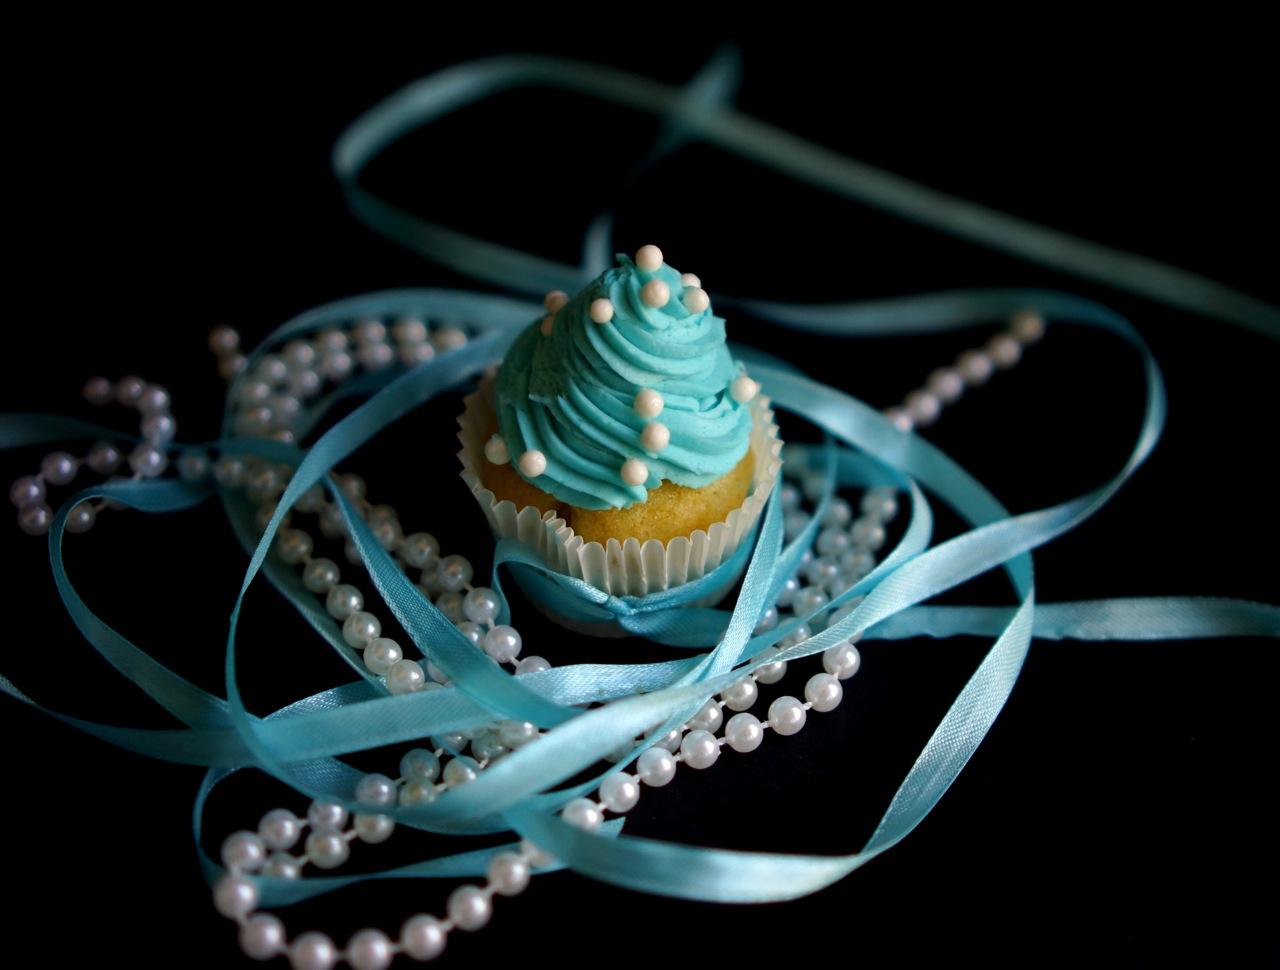 משלוח מנות בתחפושת - אודרי הפבורן, גבישס -בלוג האוכל של מירב גביש